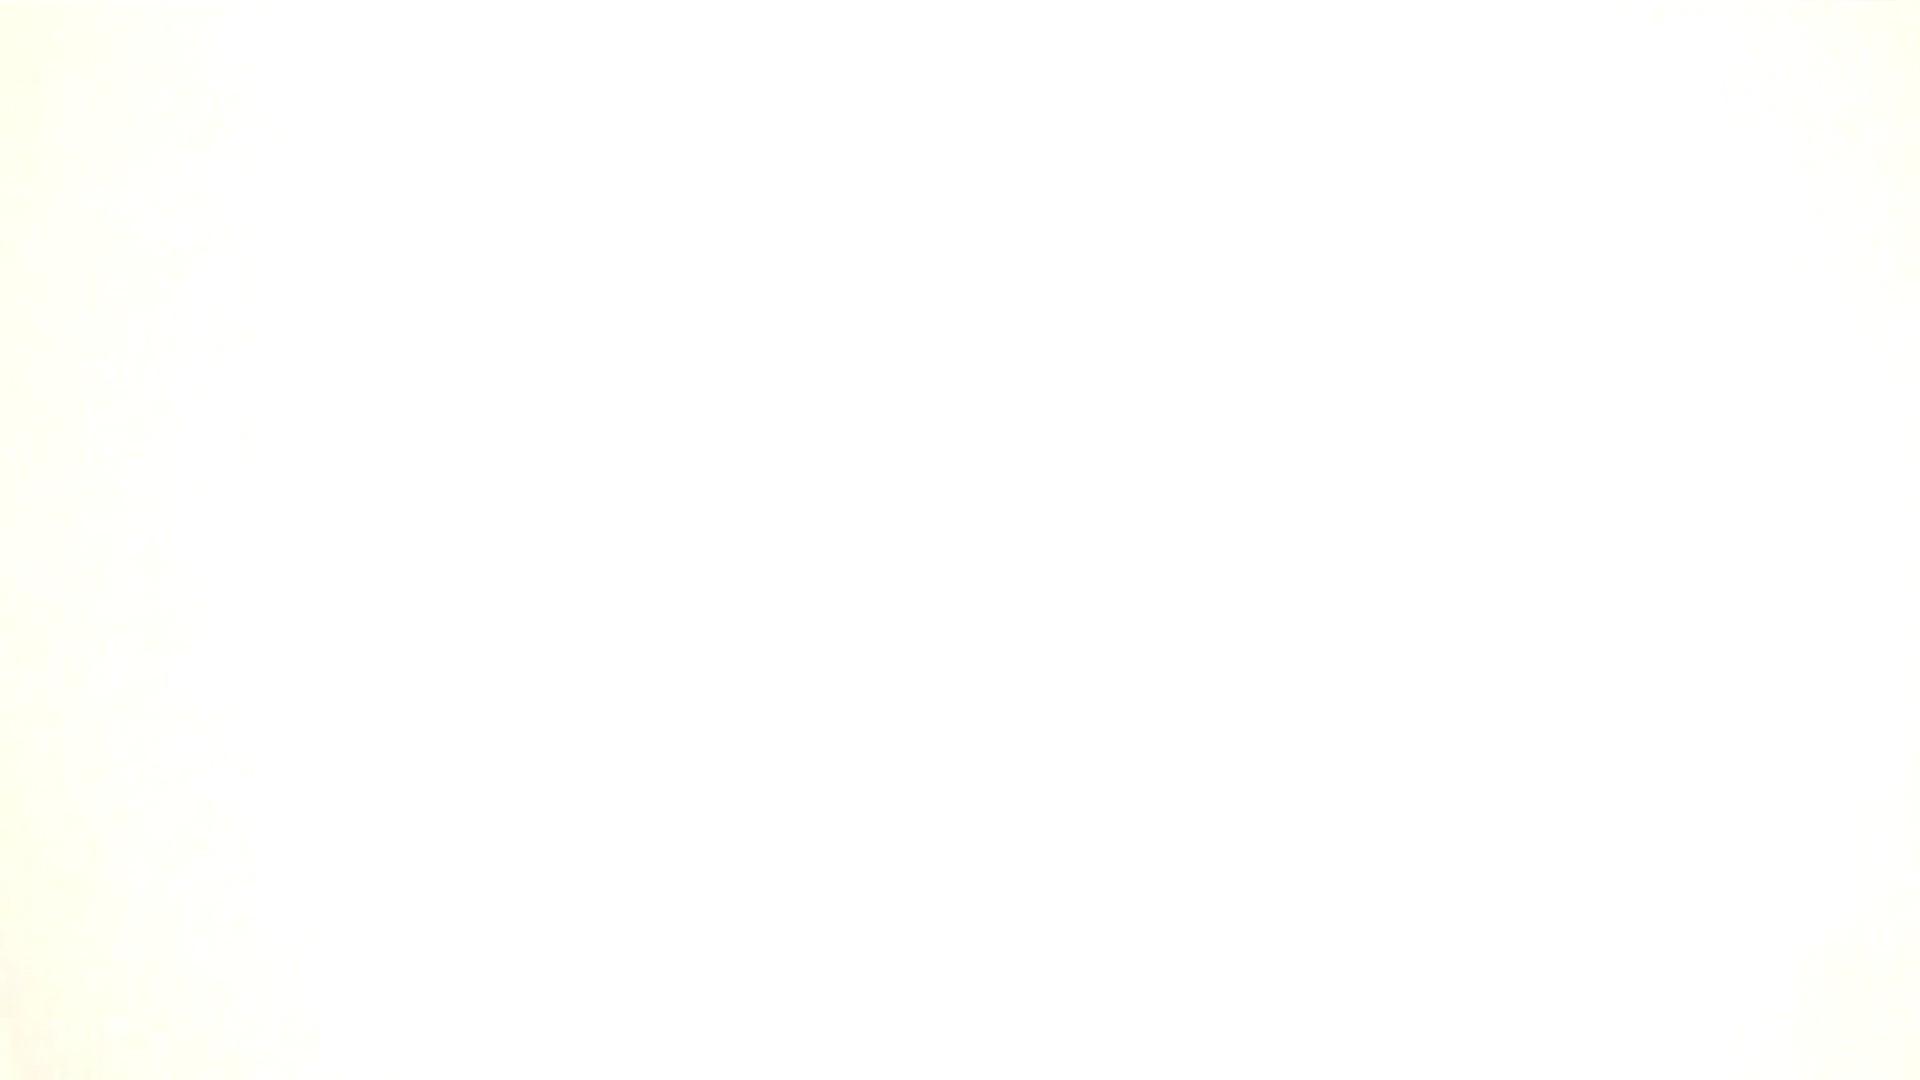 至高下半身盗撮-PREMIUM-【院内病棟編 】 vol.03 独占盗撮 | ナース編  98連発 45